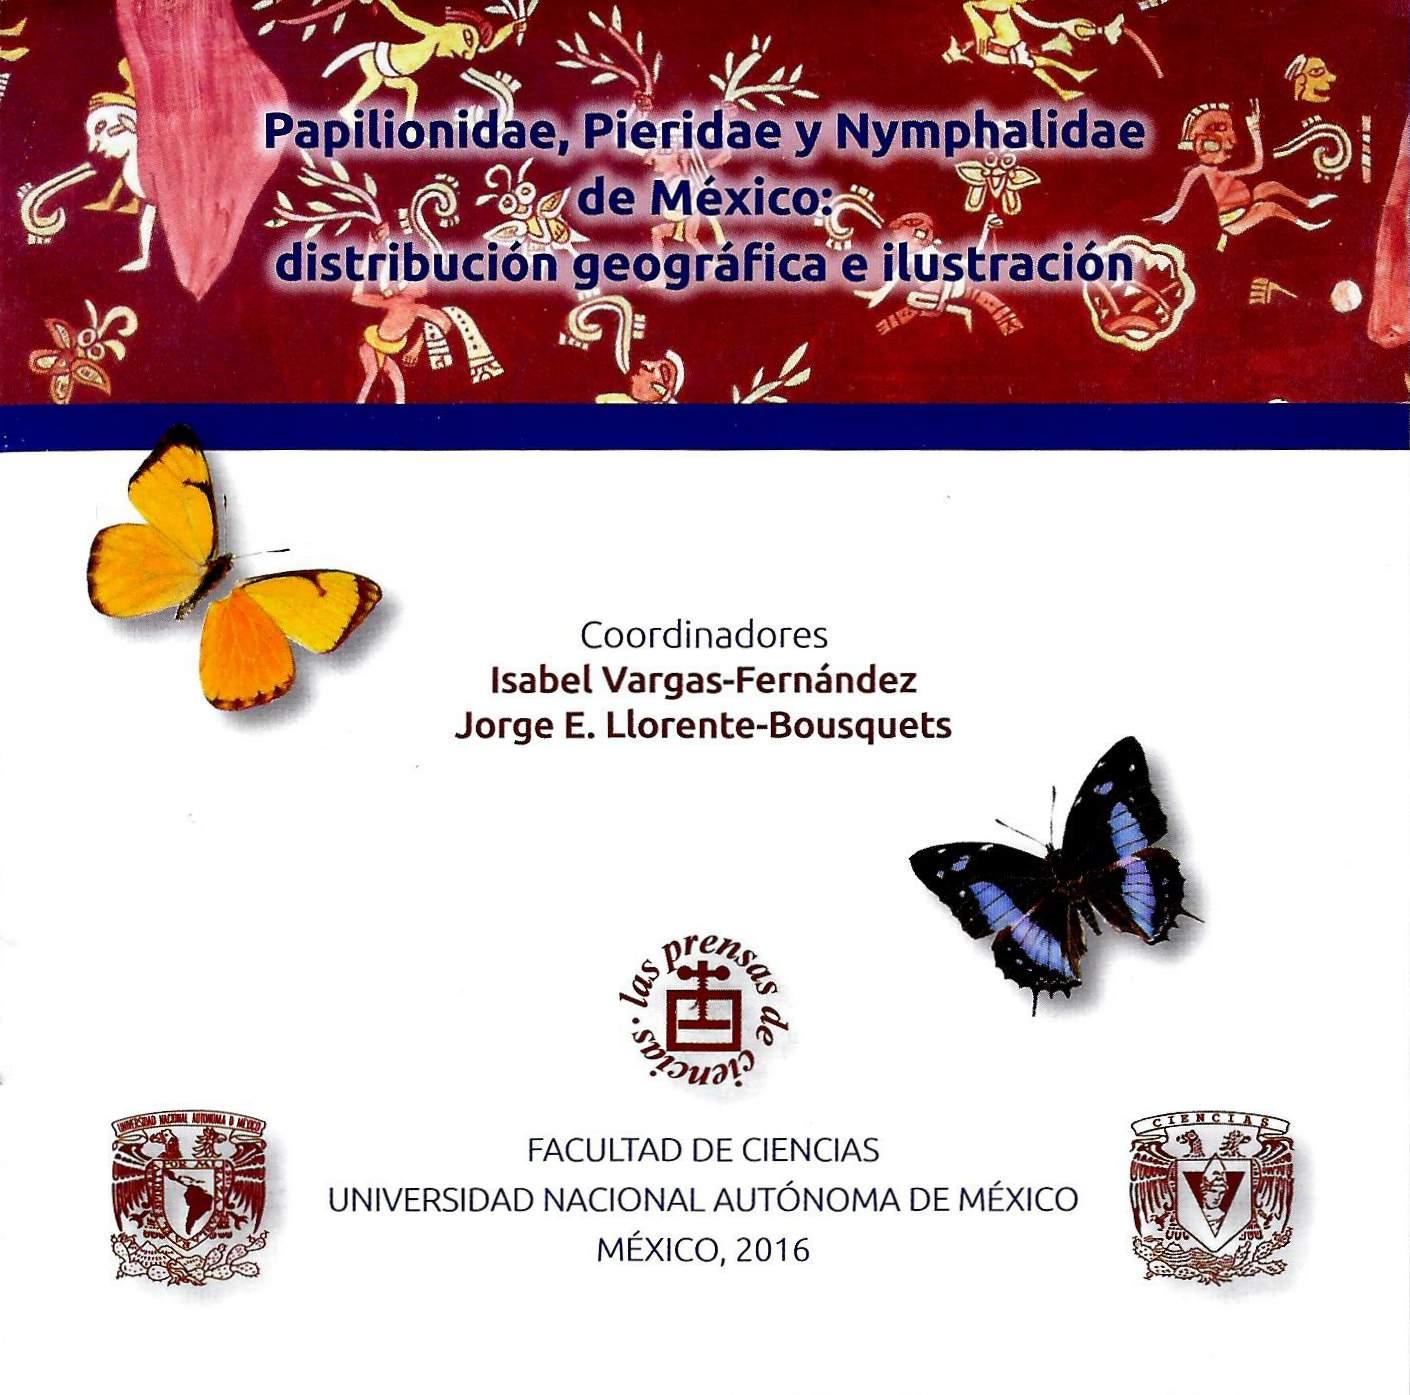 Papilionidae, Pieridae y Nymphalidae de México: distribución geográfica e ilustración